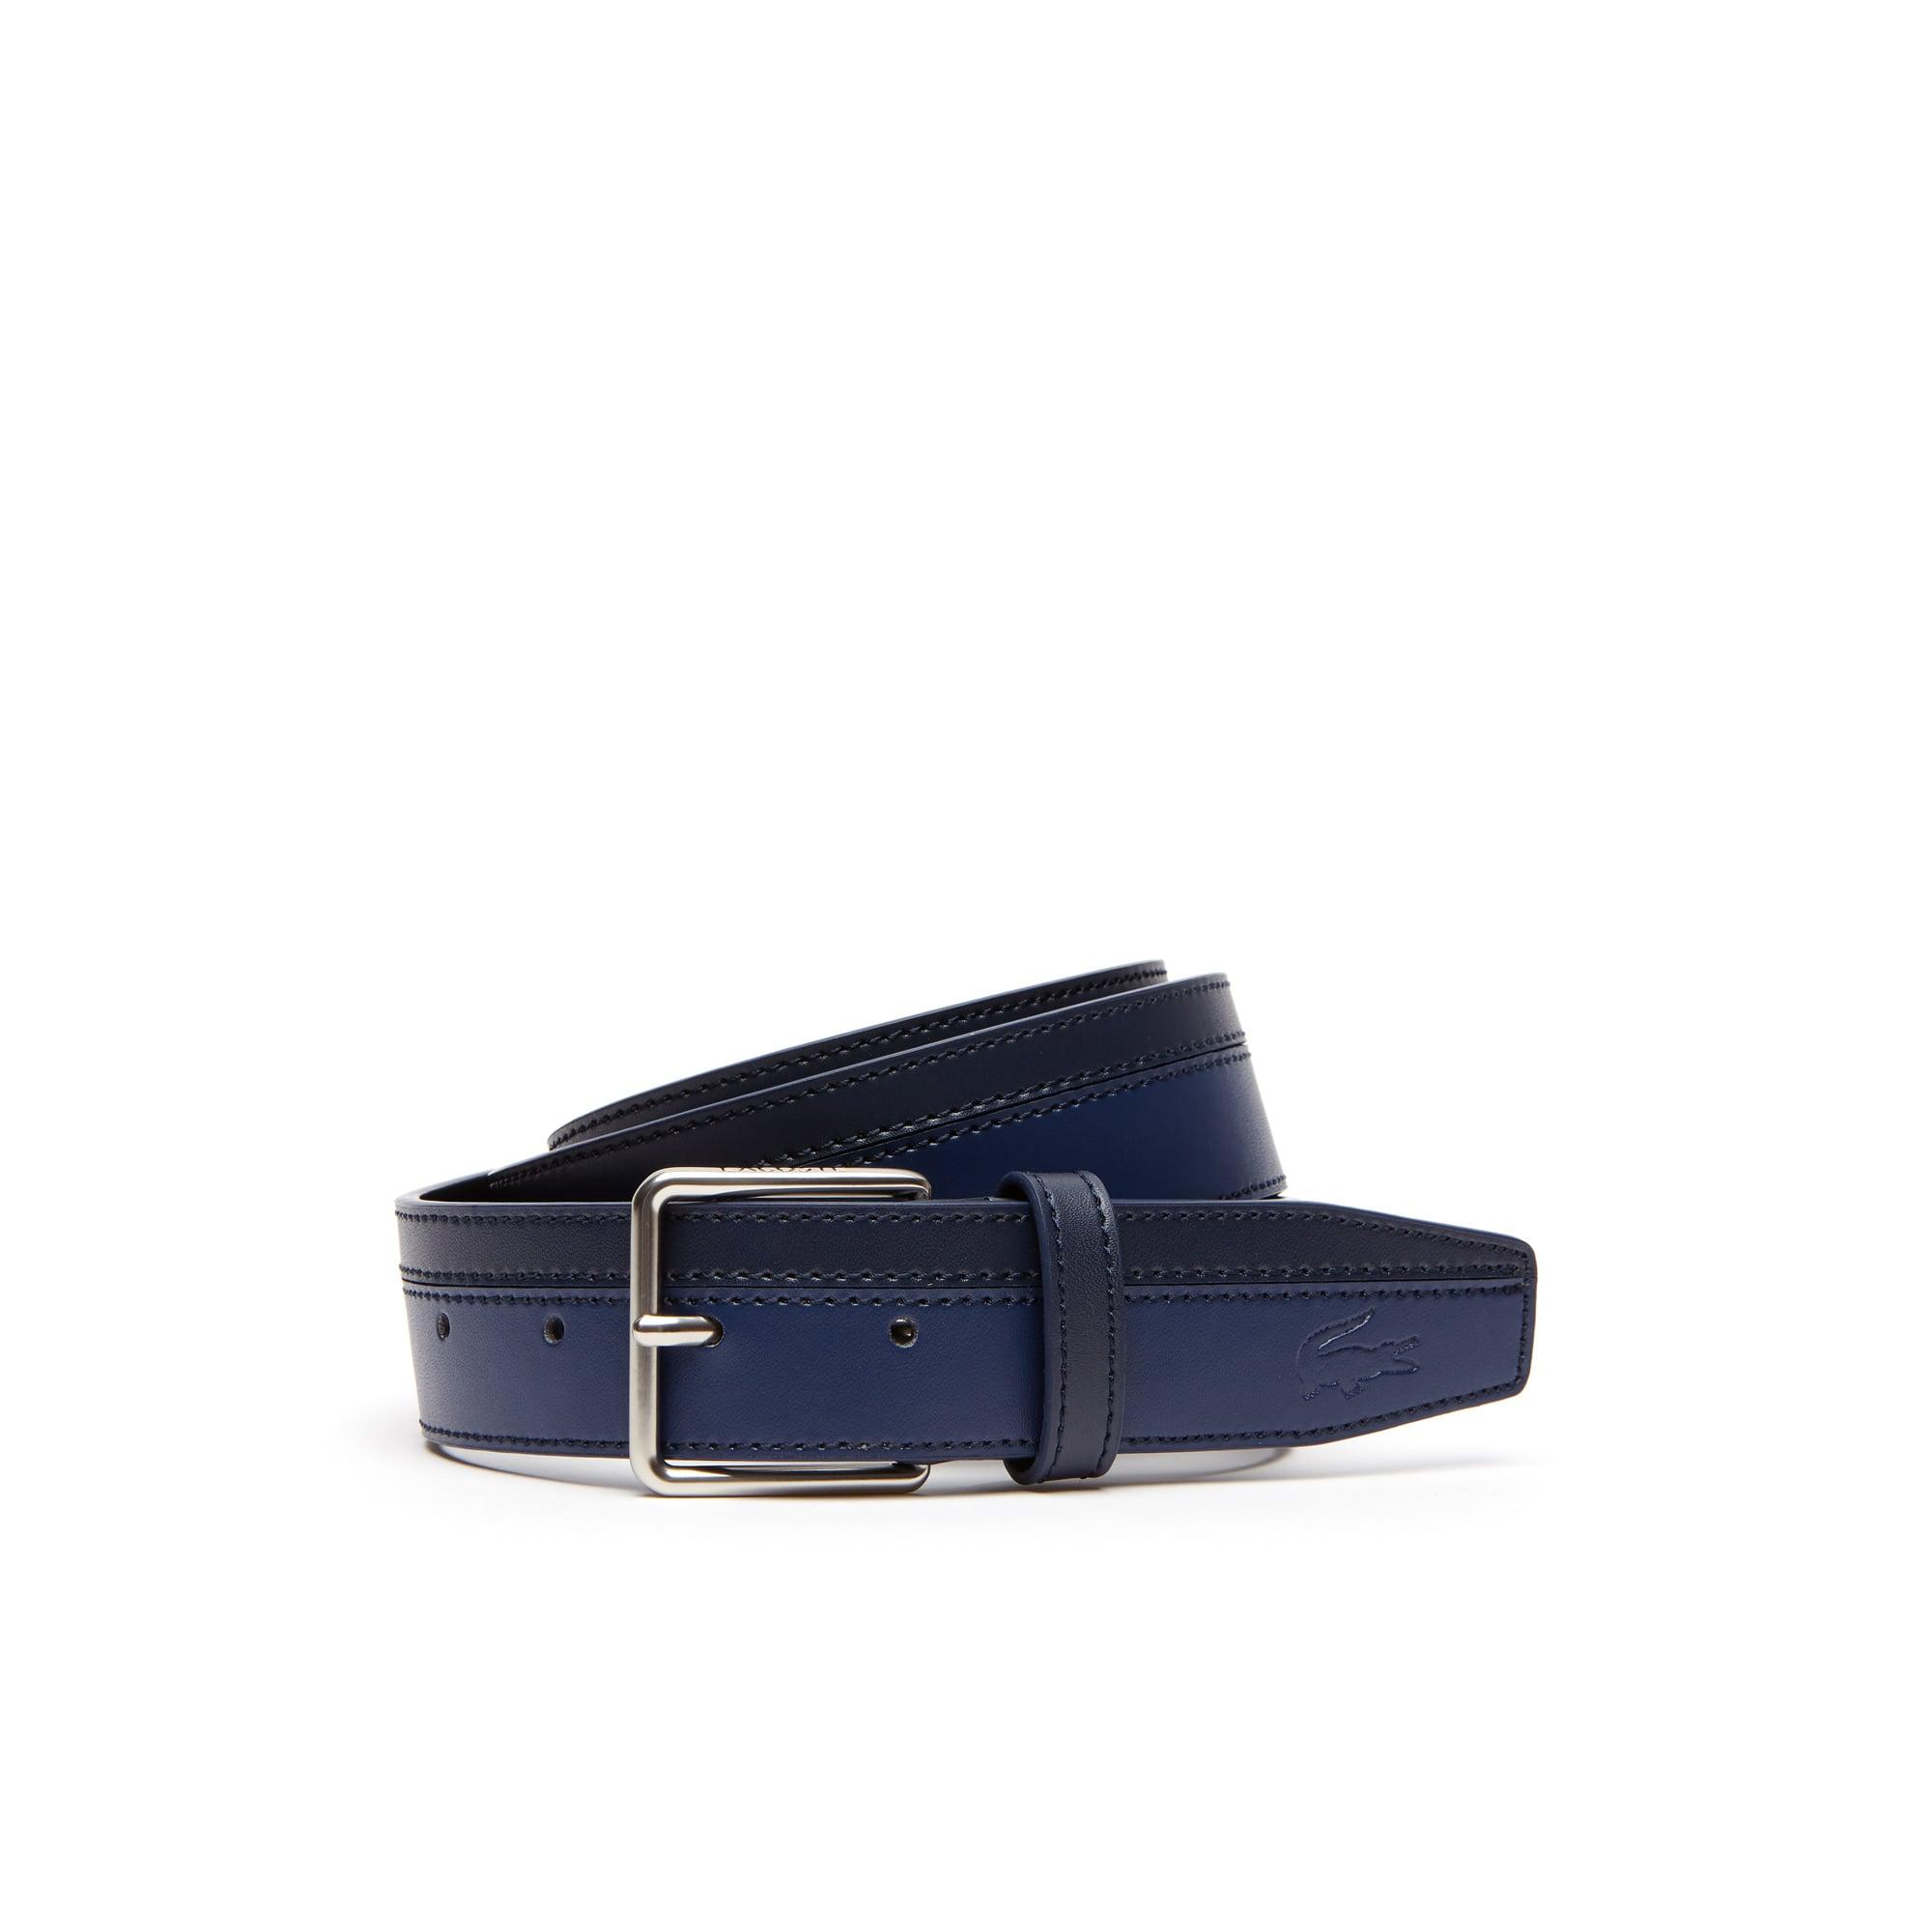 Cinturón de cuero con hebilla de lengüeta grabada Lacoste bicolor